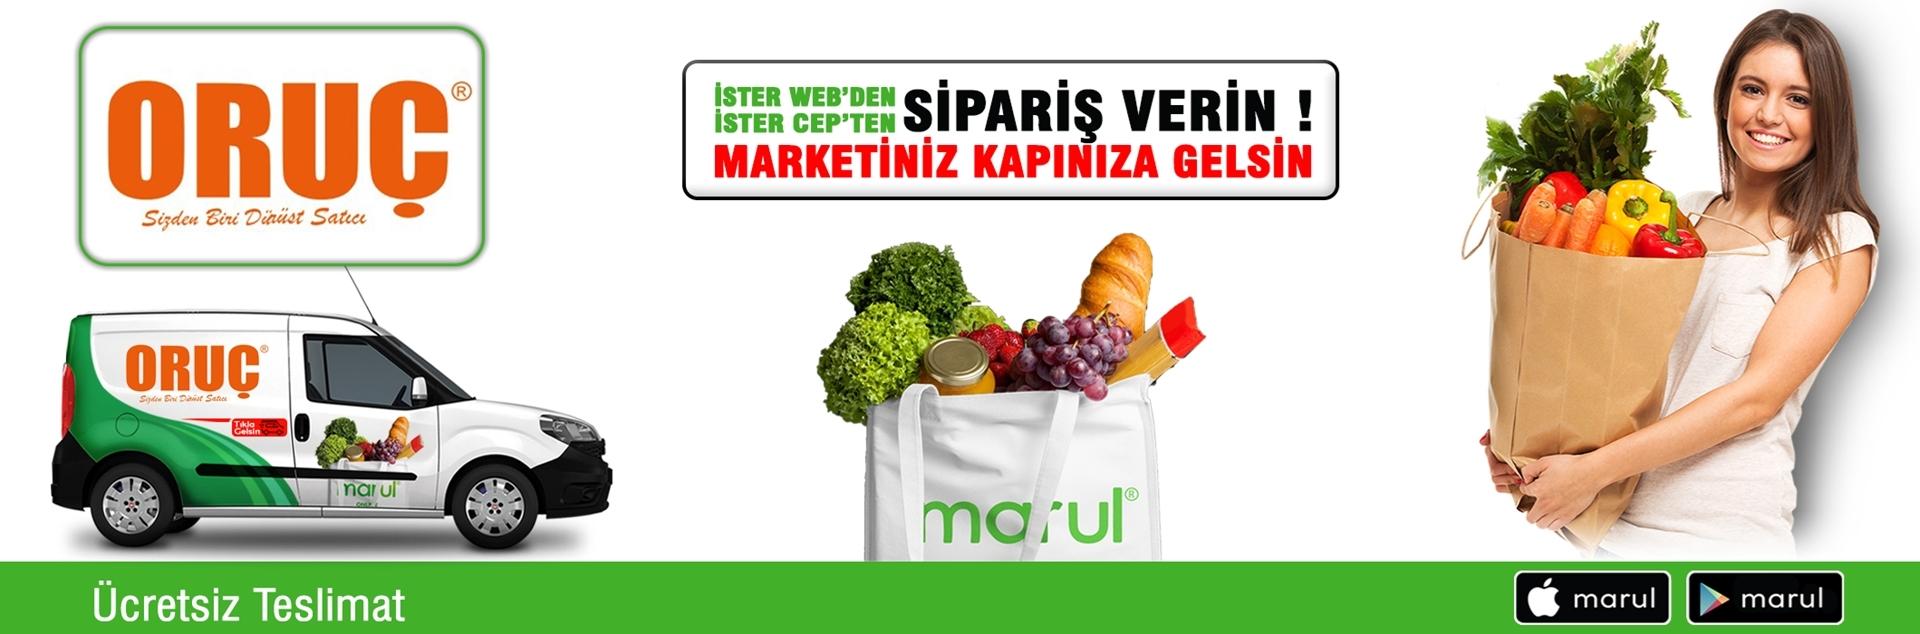 oruç market online market siparişi yayla şubesi